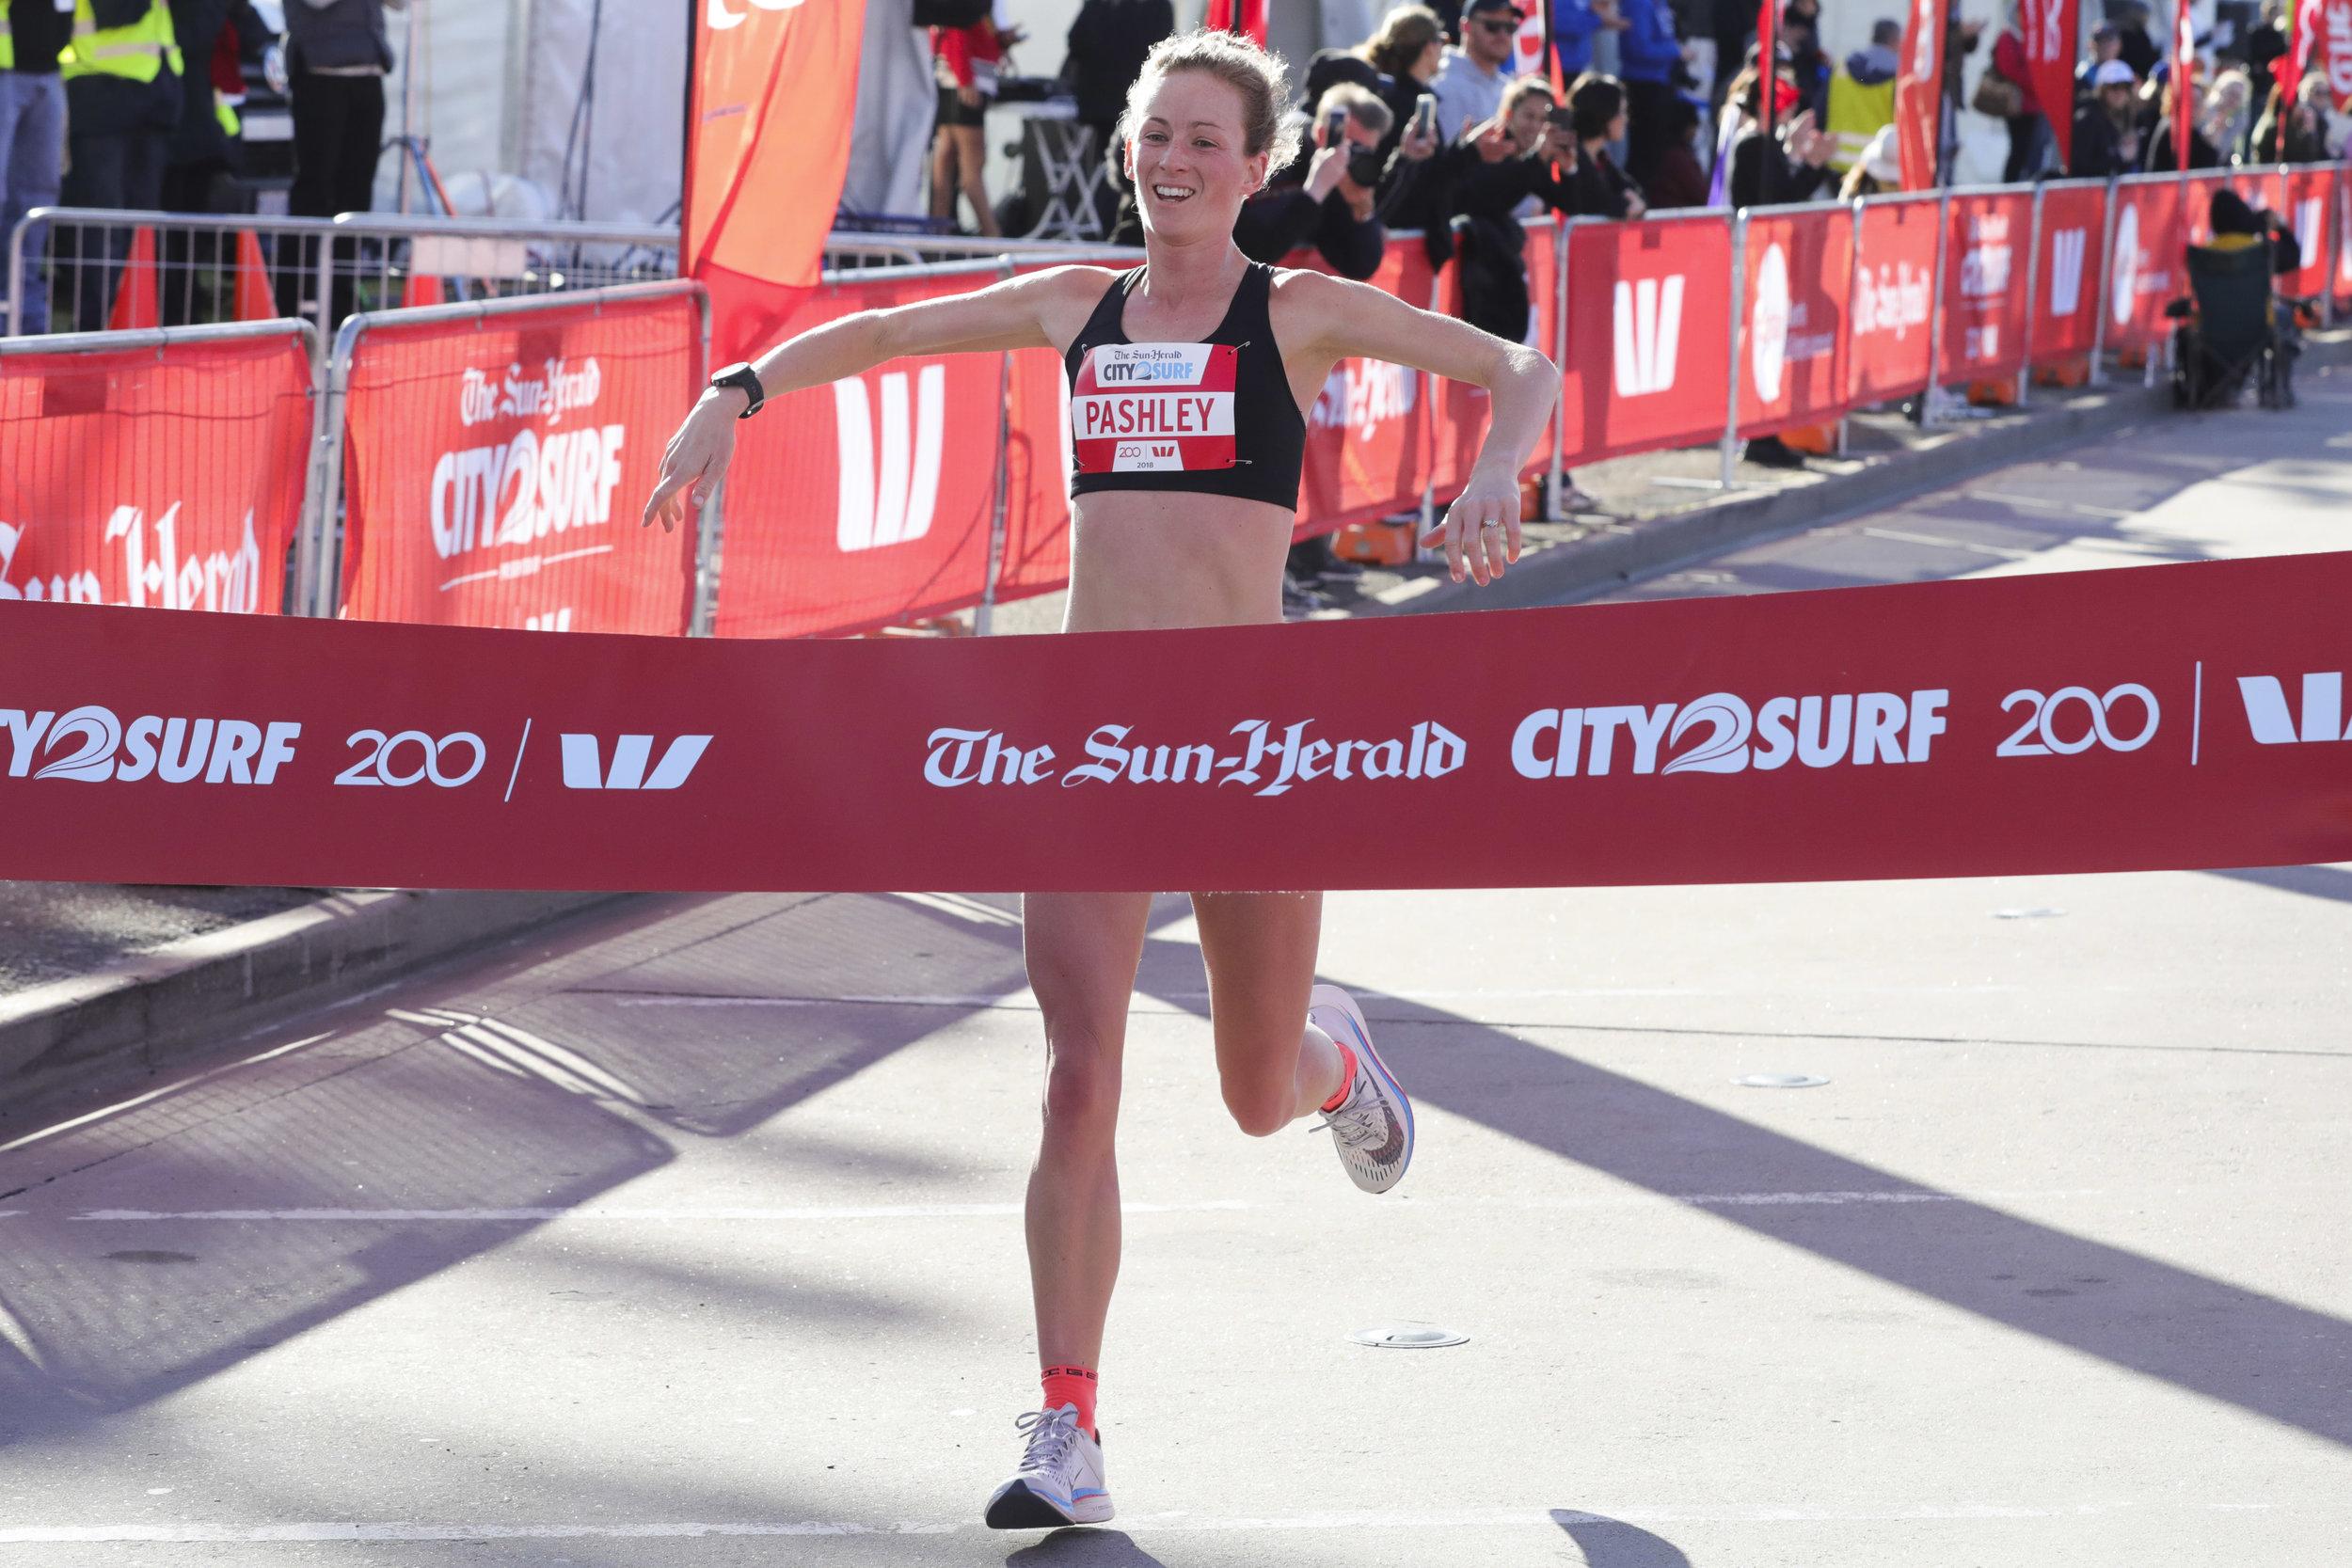 Ellie Pashley - 2018 City2Surf Female Winner